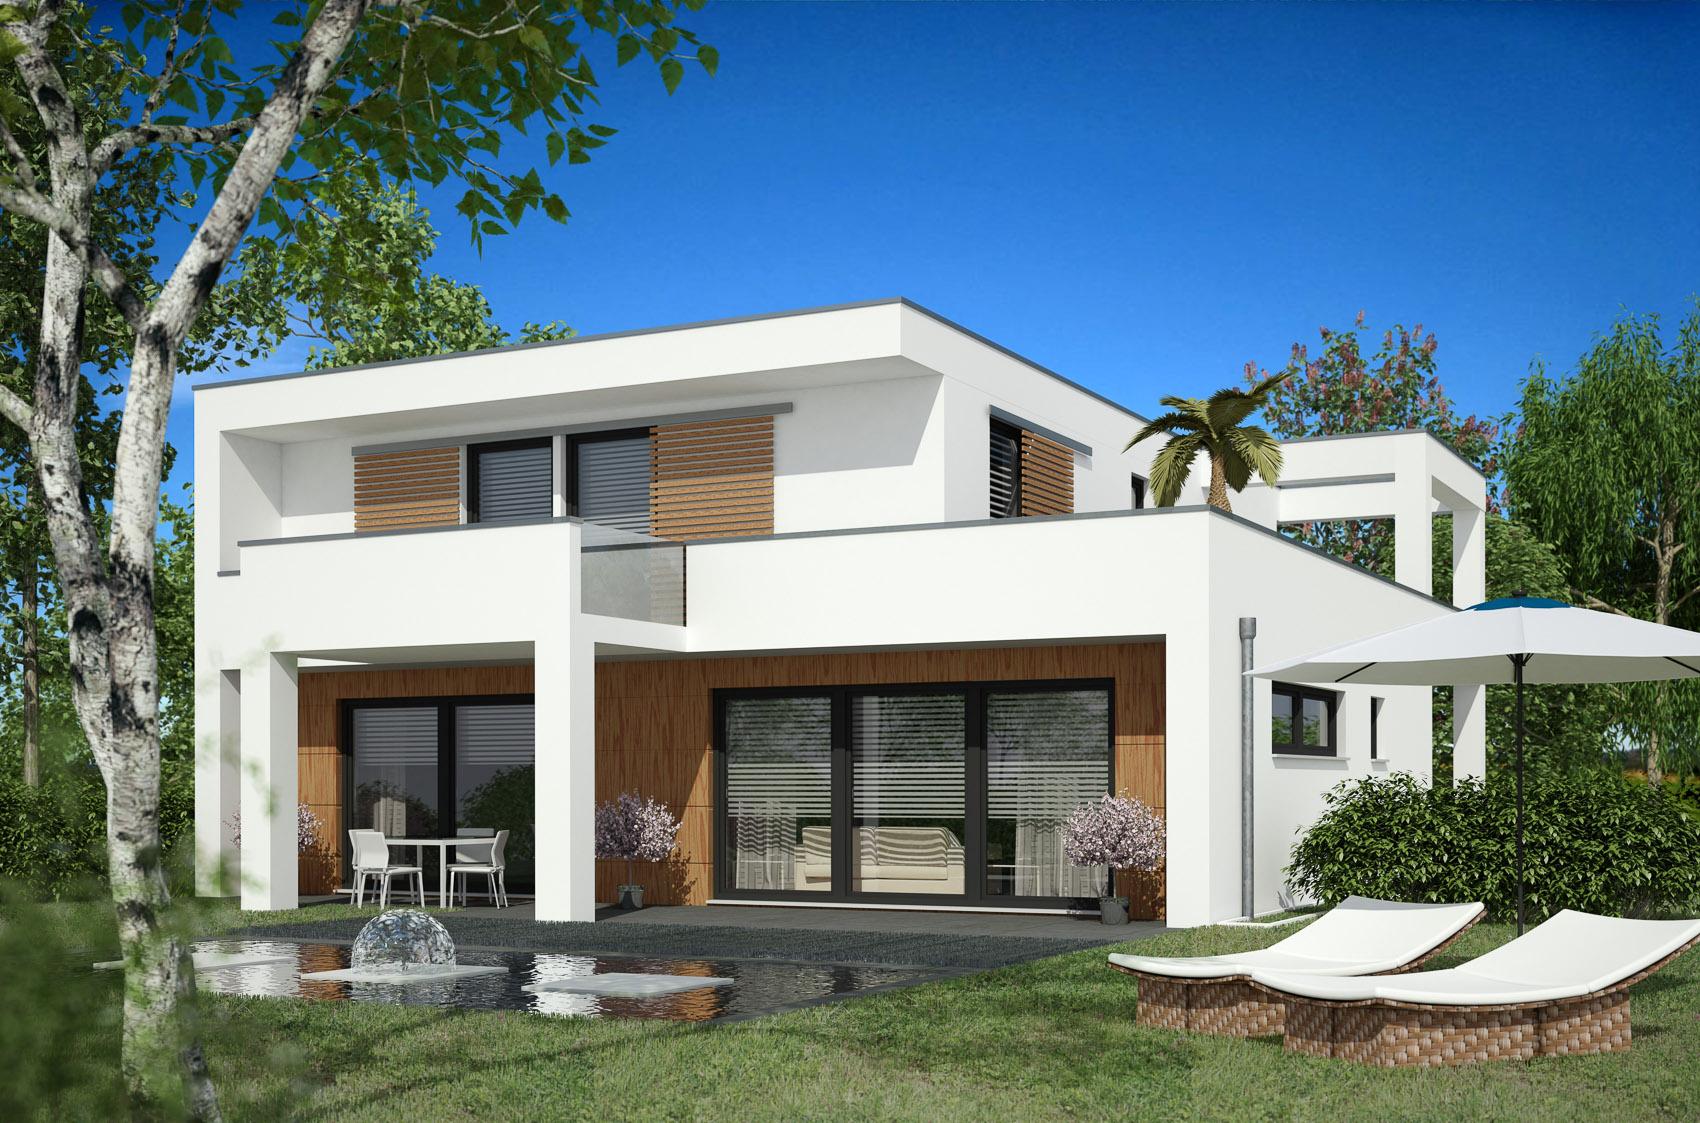 Fertigteilhaus modern for Fertighaus modern